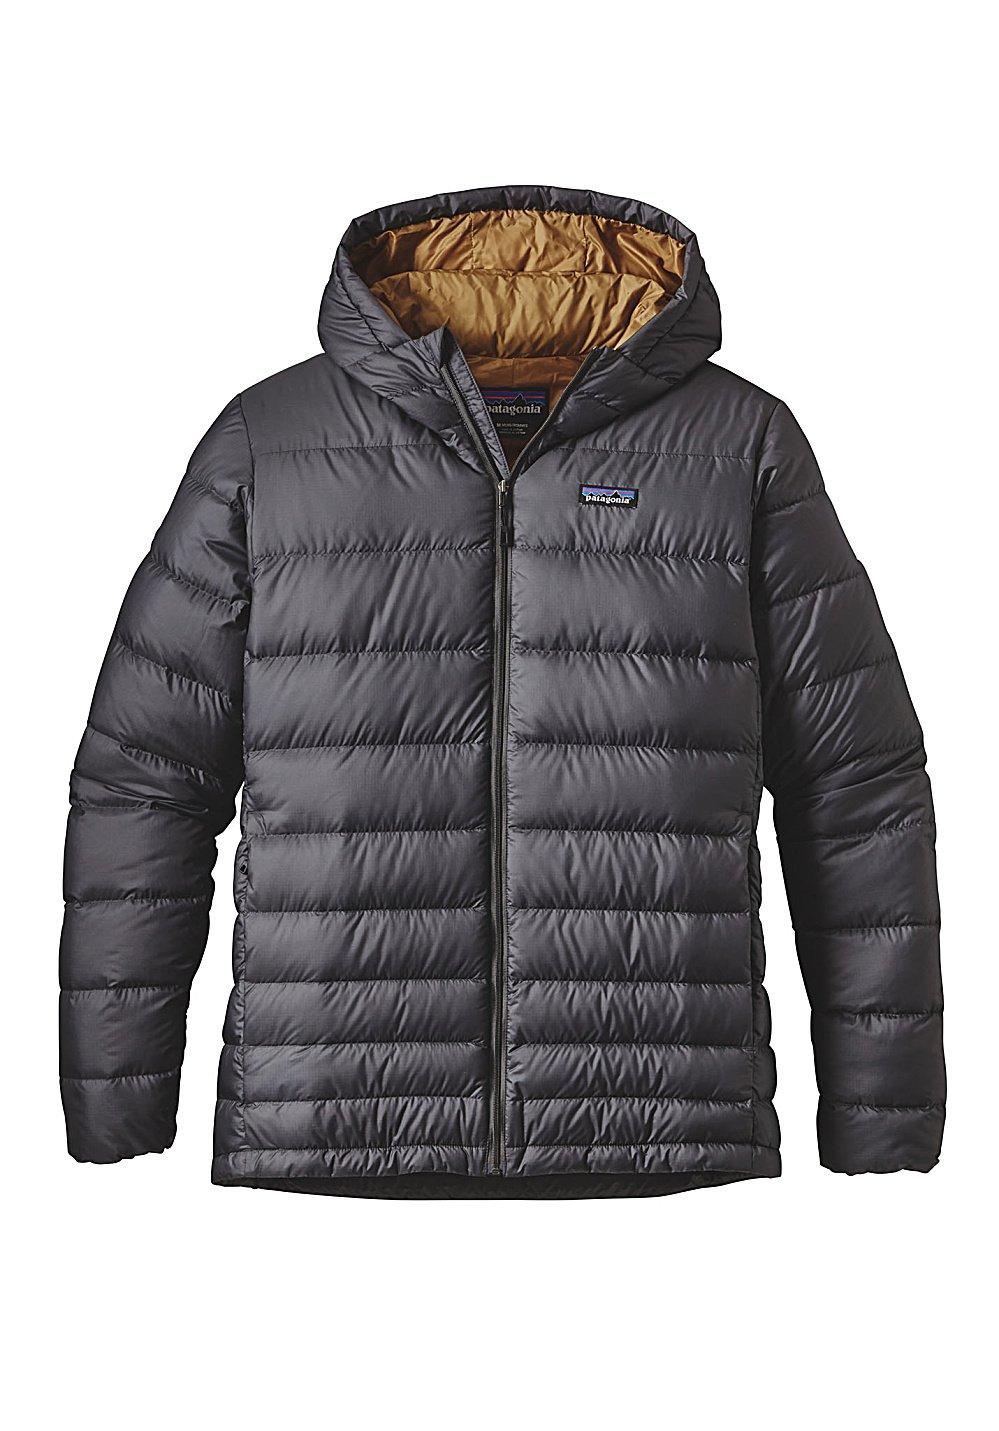 Patagonia Hi-Loft Down Sweater Hoody Jacket Men - Daunenjacke mit Kapuze